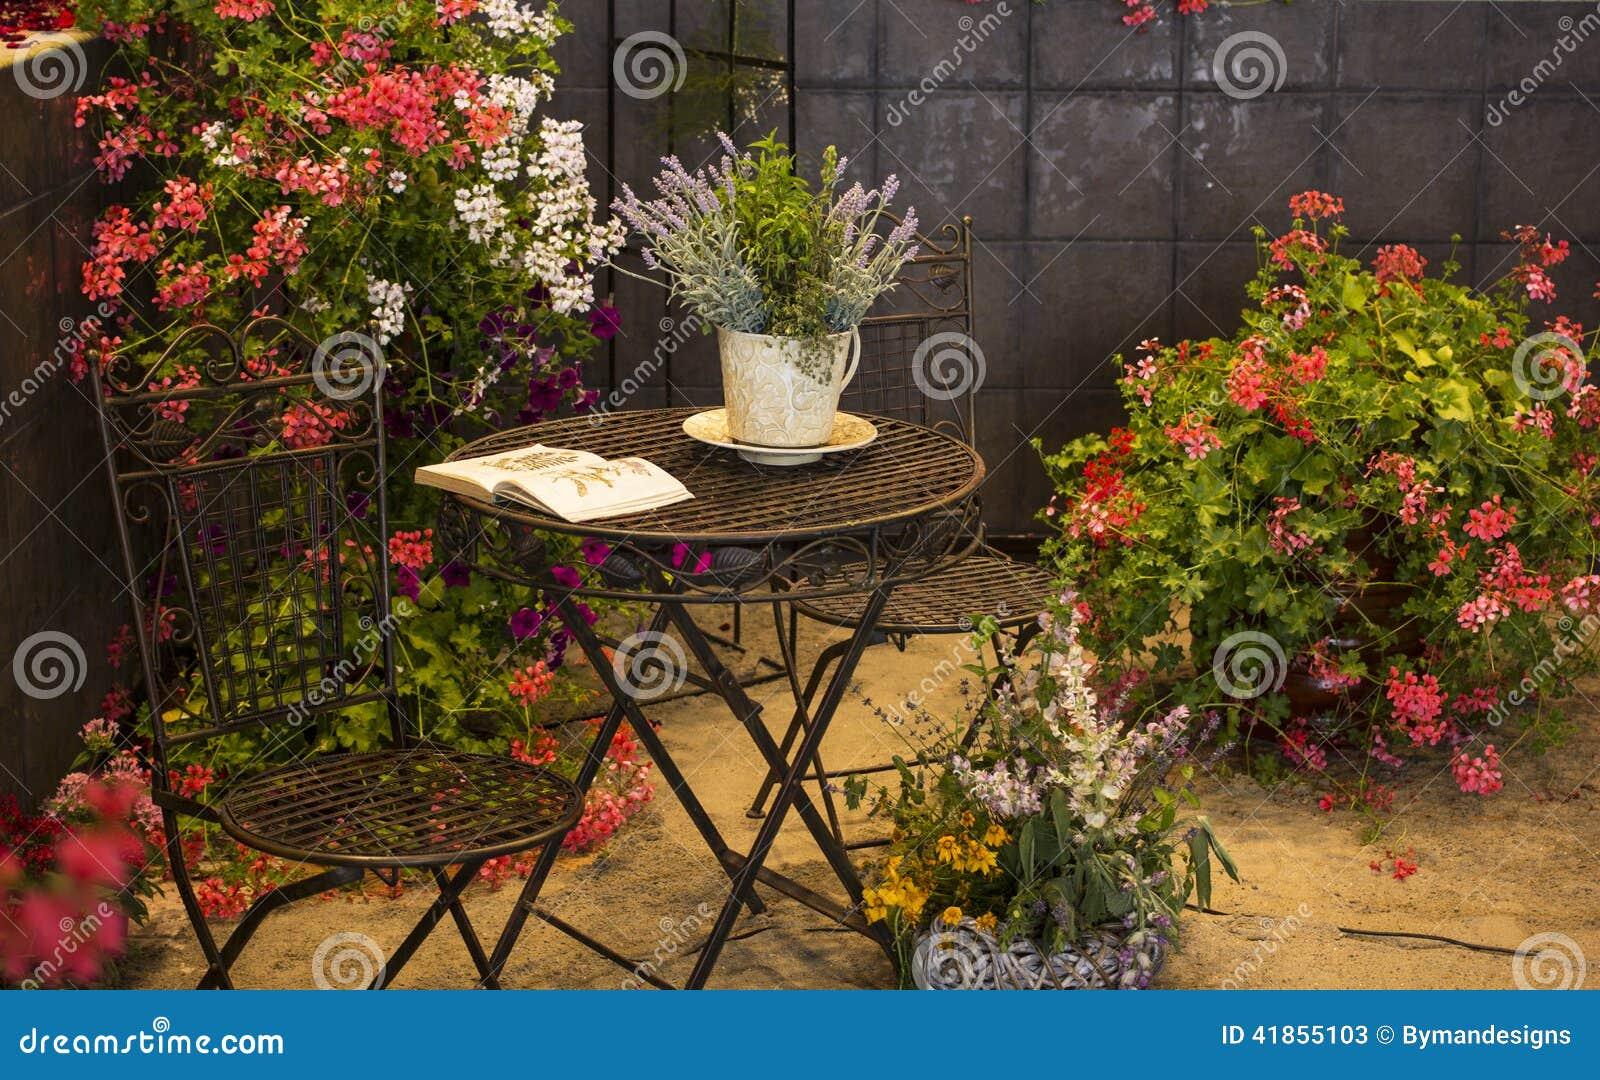 Oude stoelen en lijst in tuin met vele gekleurde bloemen stock foto afbeelding 41855103 - Tuin decoratie buitenkant ...